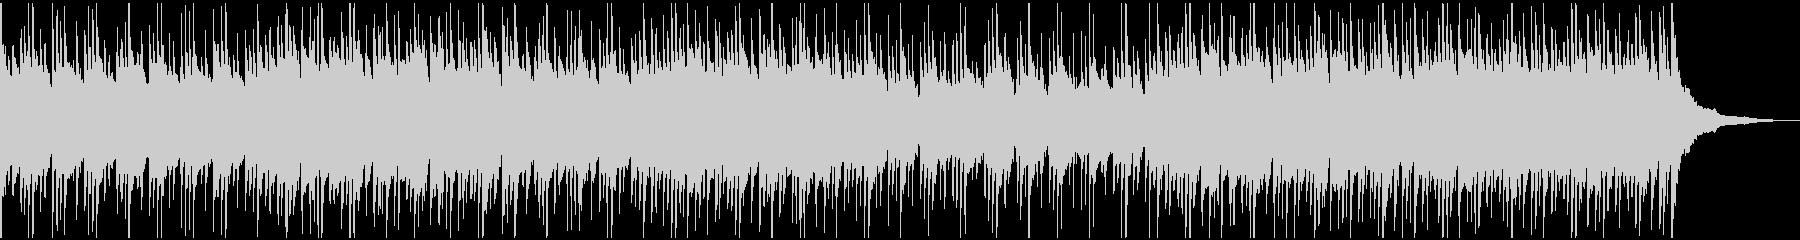 ウクレレとグロッケンの明るい楽曲ドラム無の未再生の波形